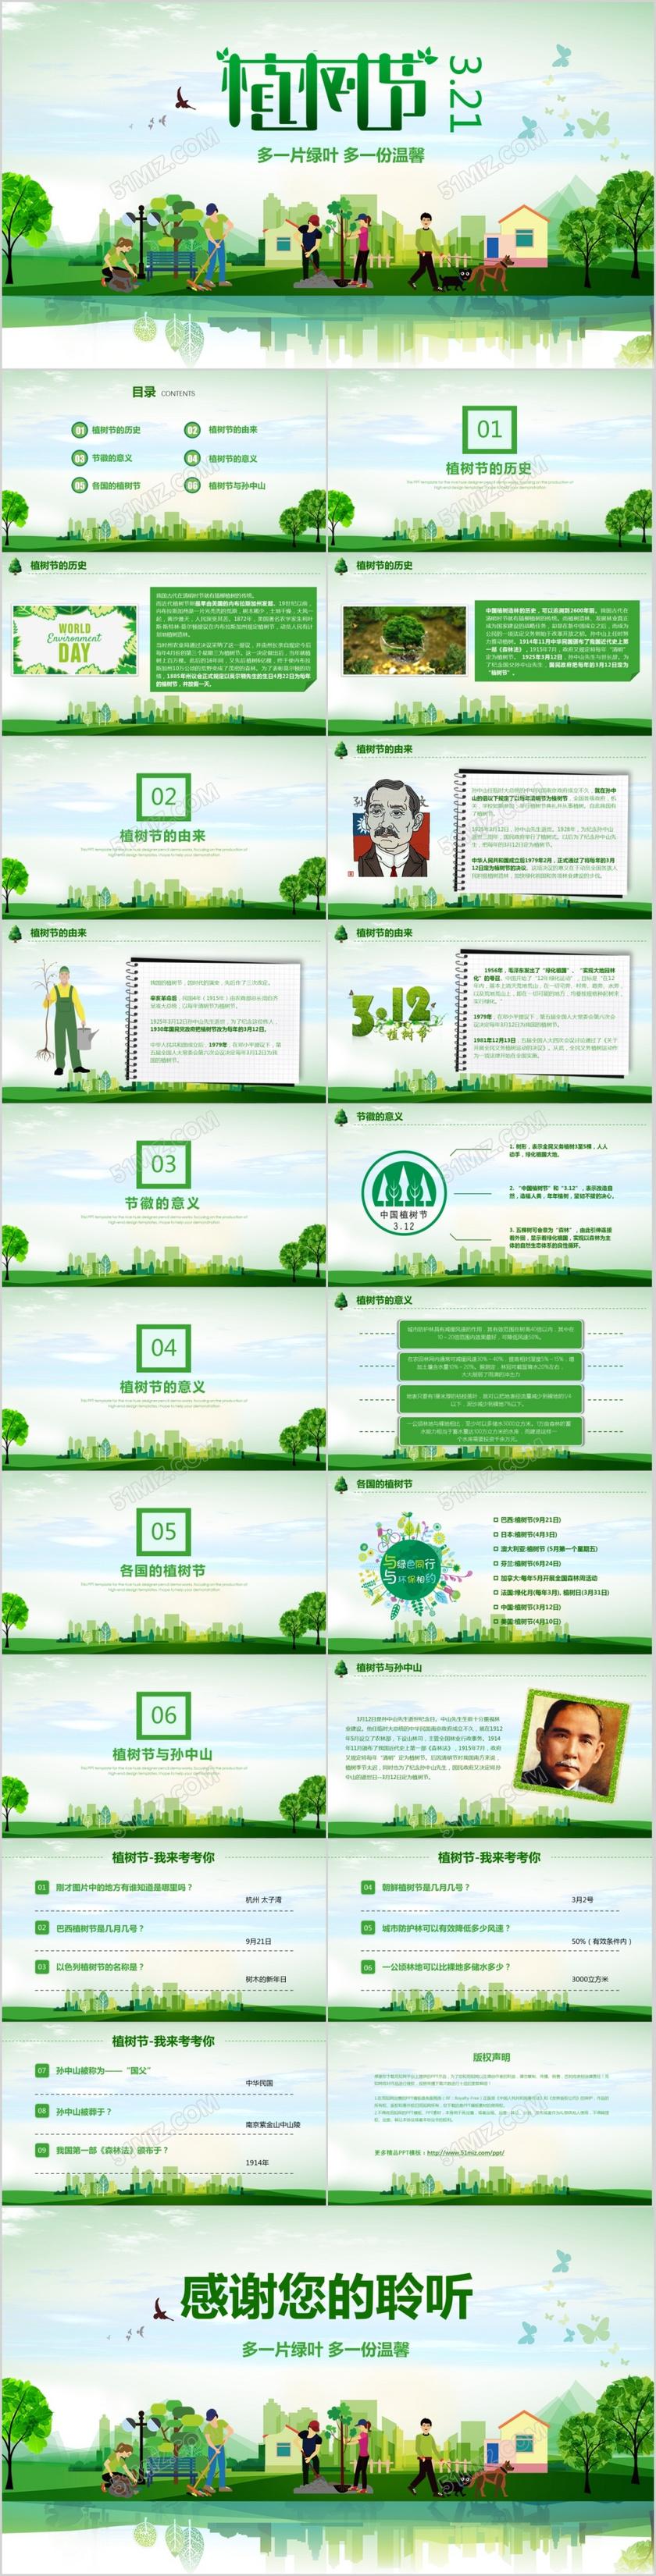 312植树节绿色生态教育教学主题班会课件幼儿园大班中班植树节ppt模板